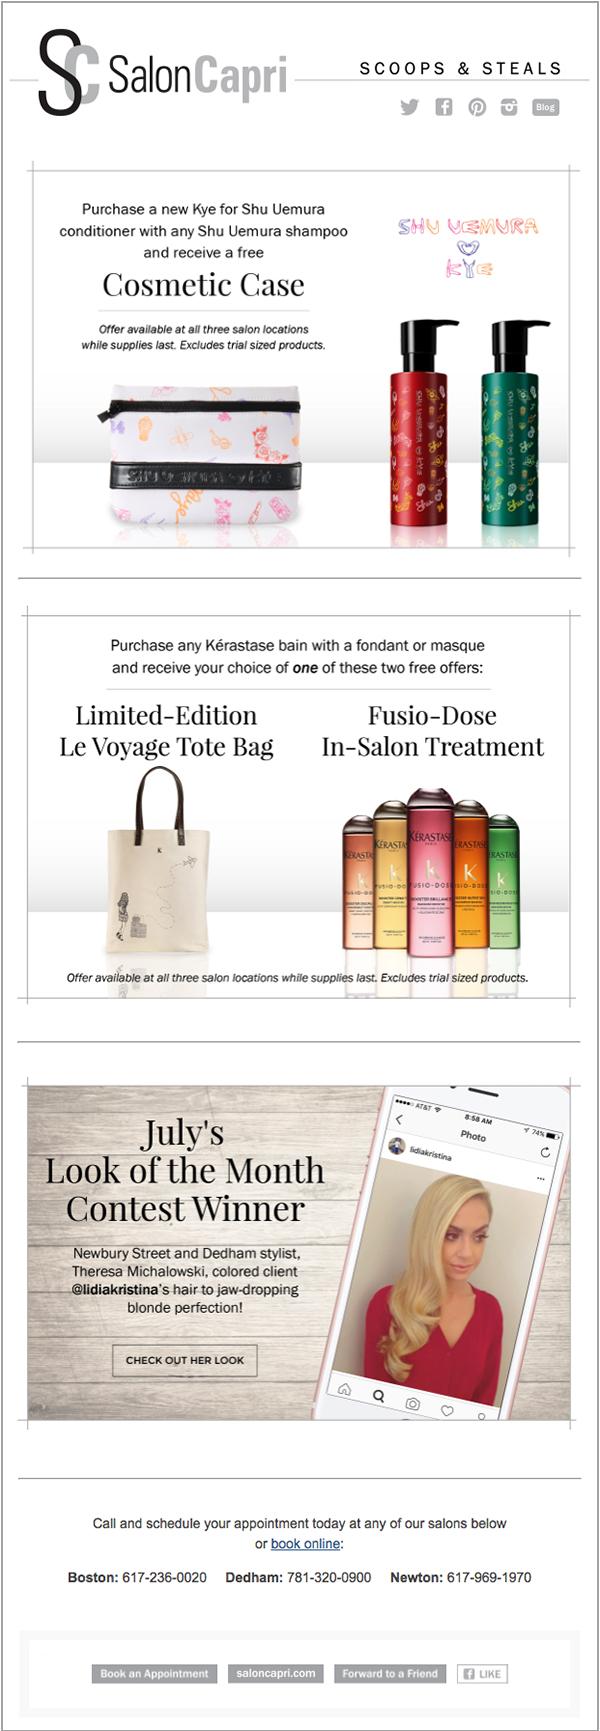 Salon Capri Email Campaign